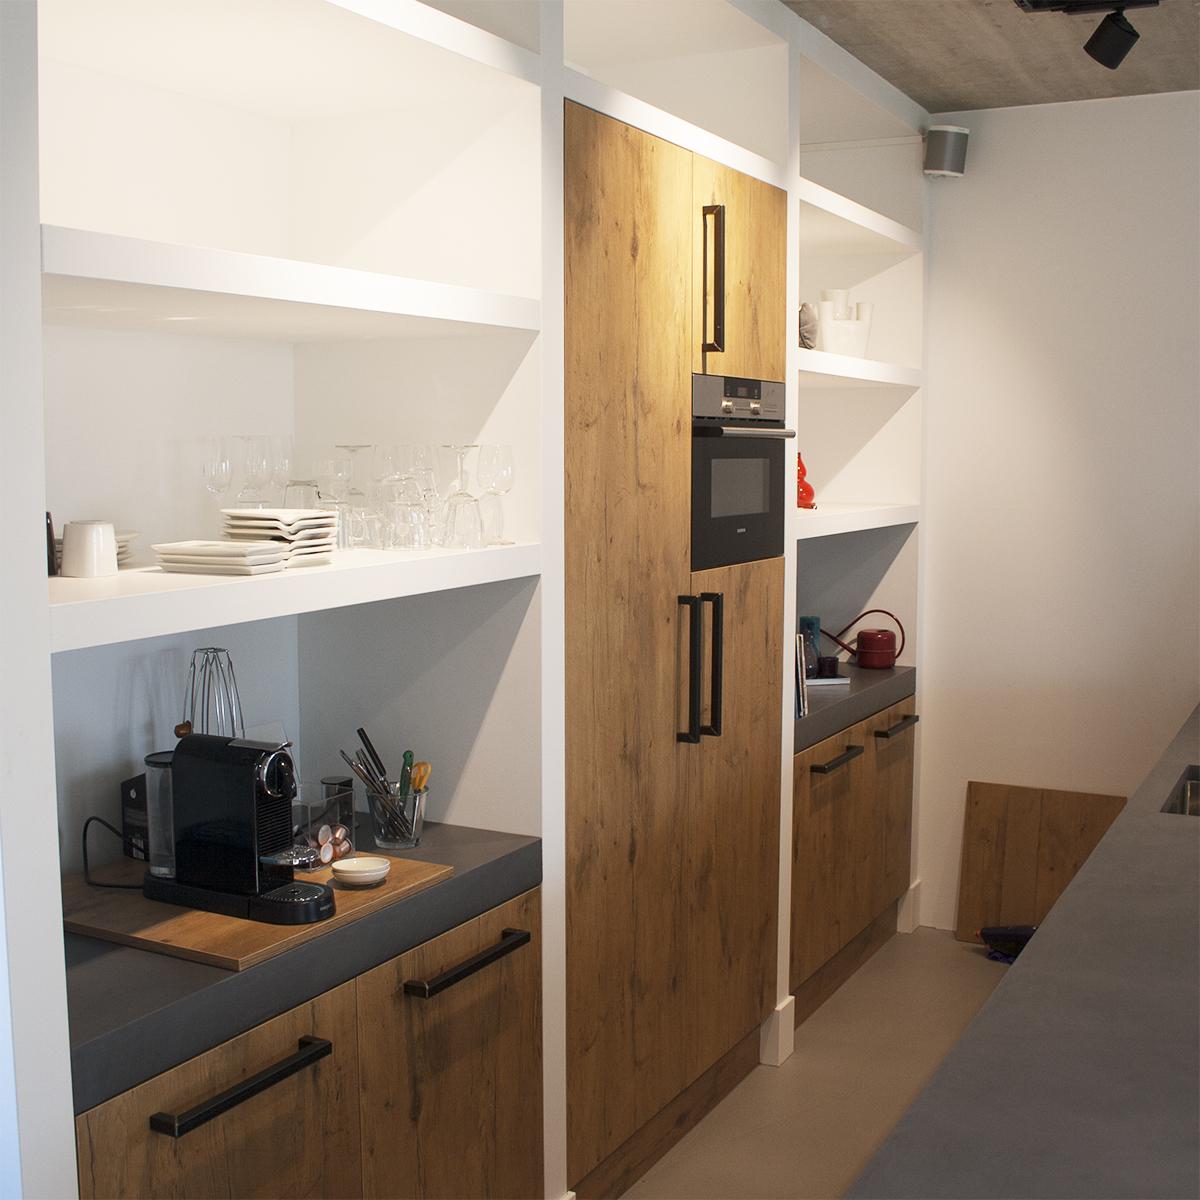 Keuken altach